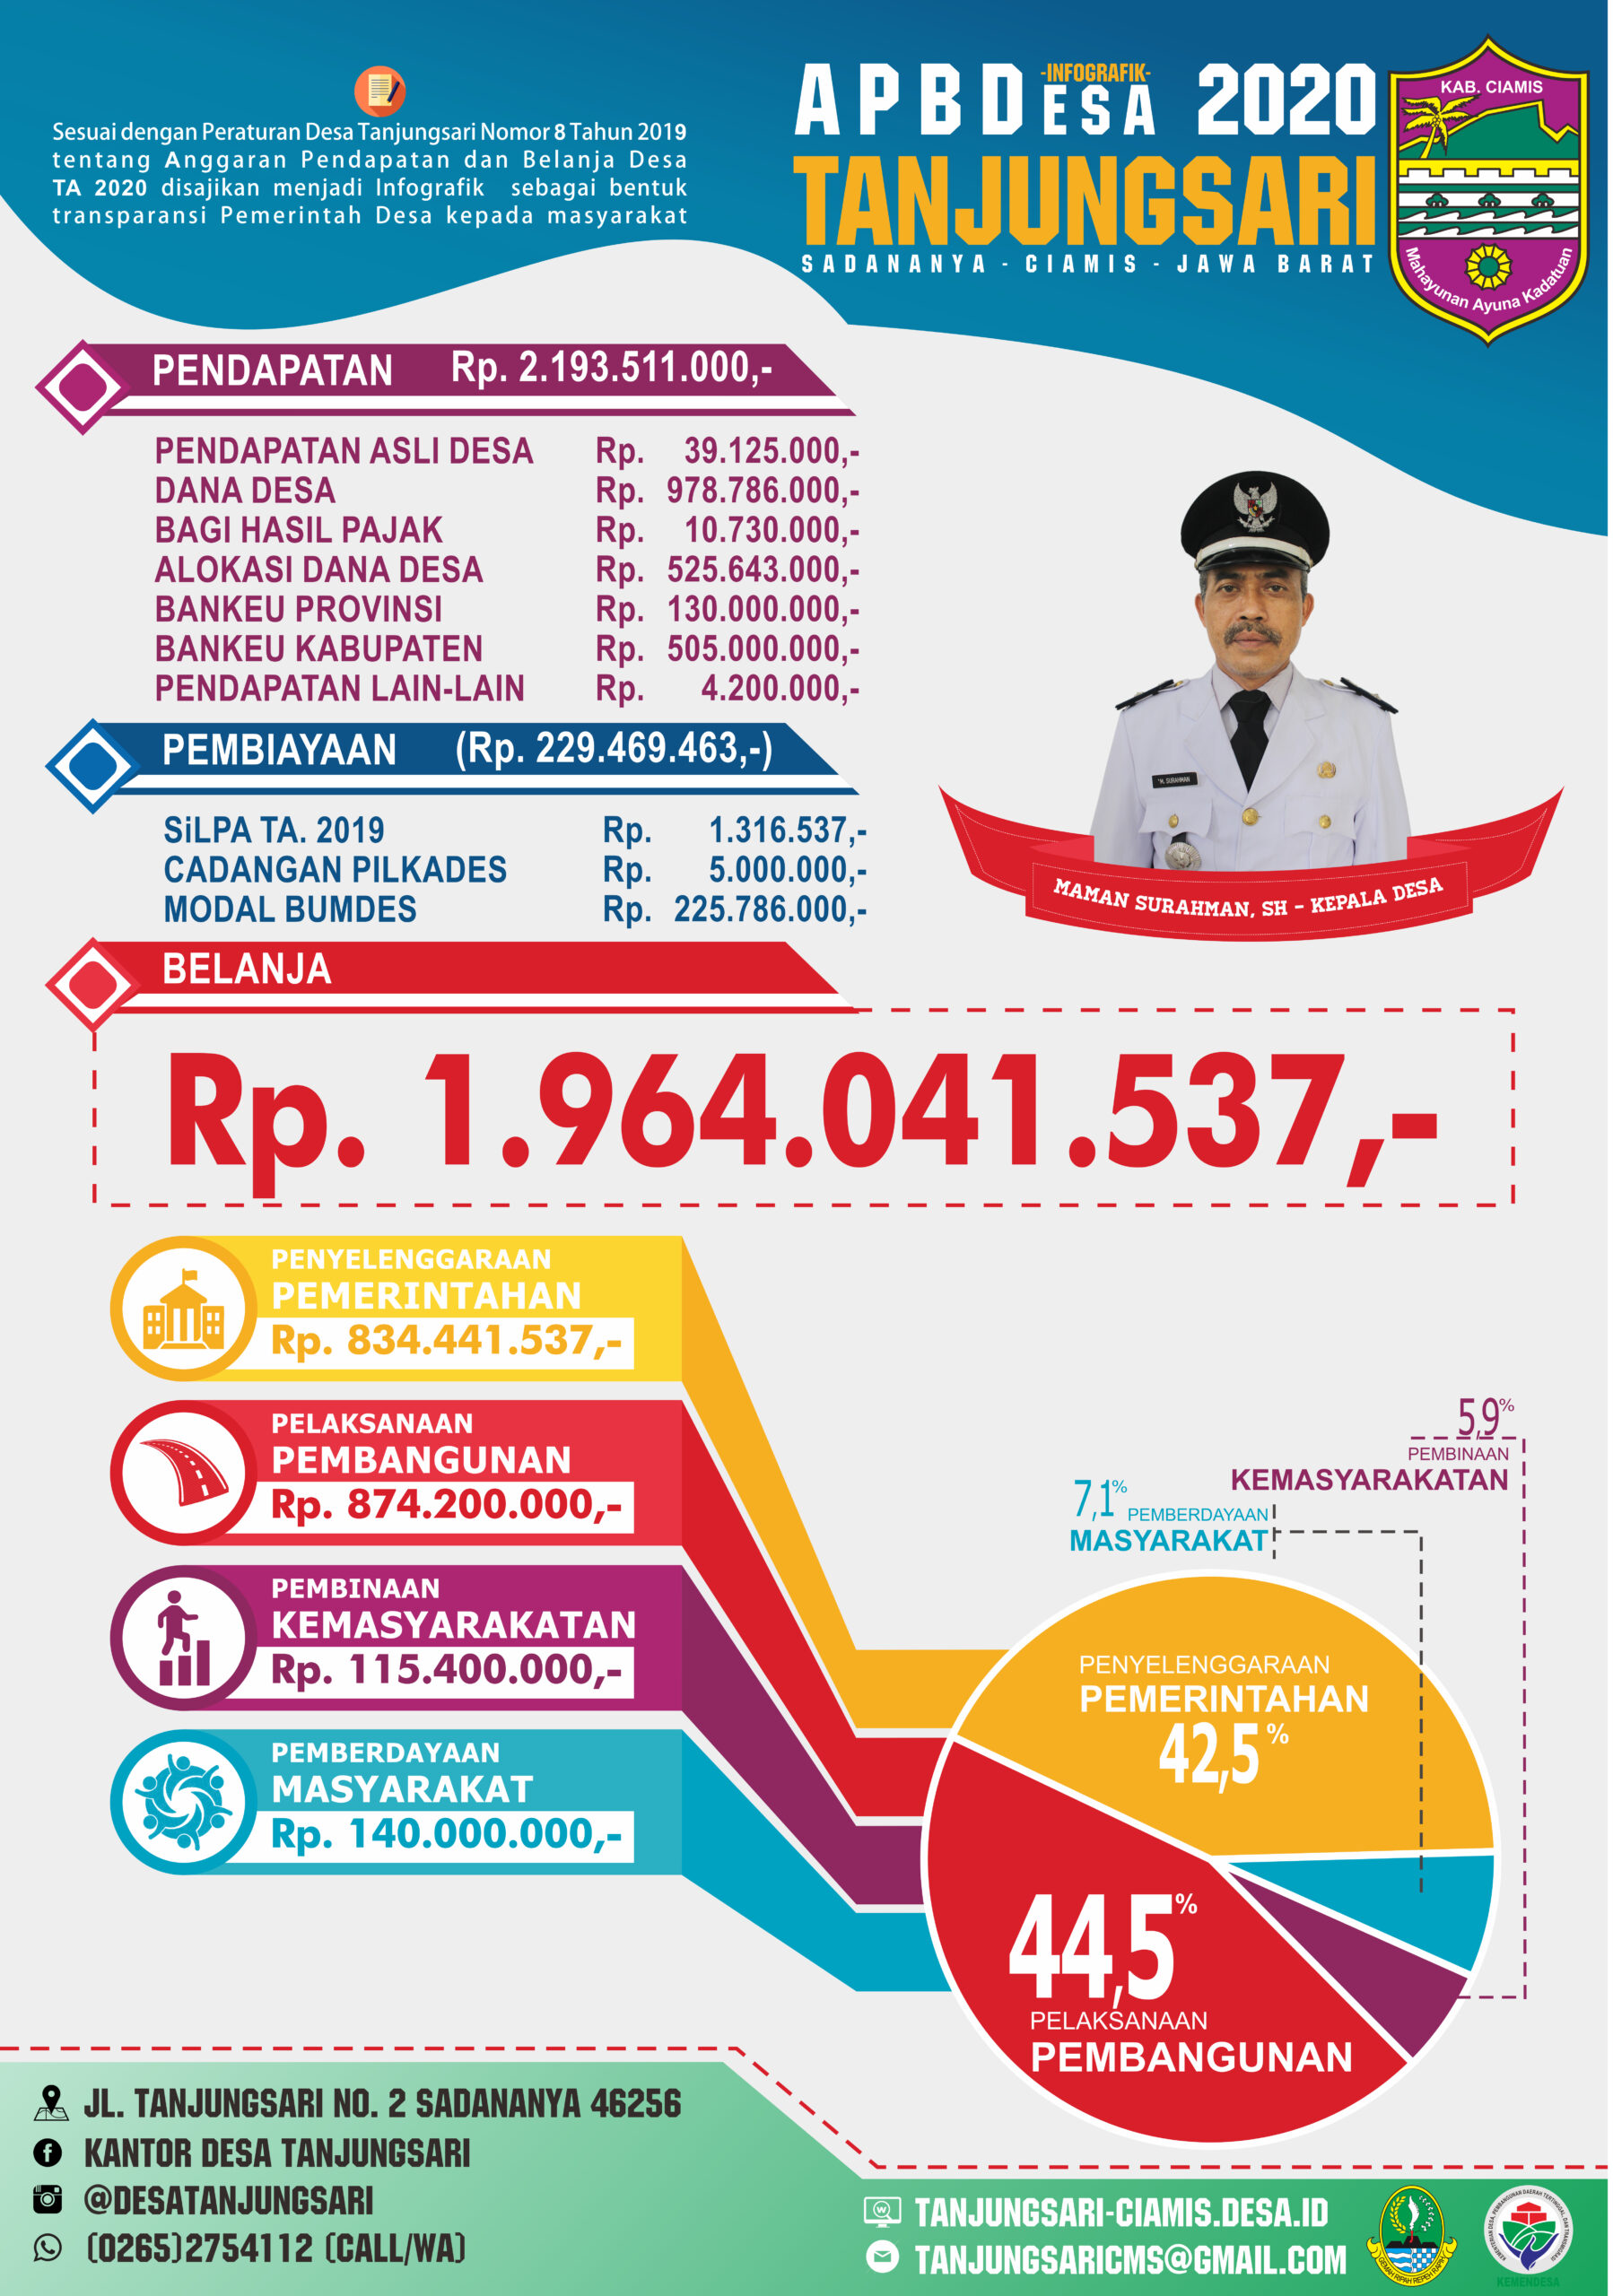 Infografis APBDesa 2020